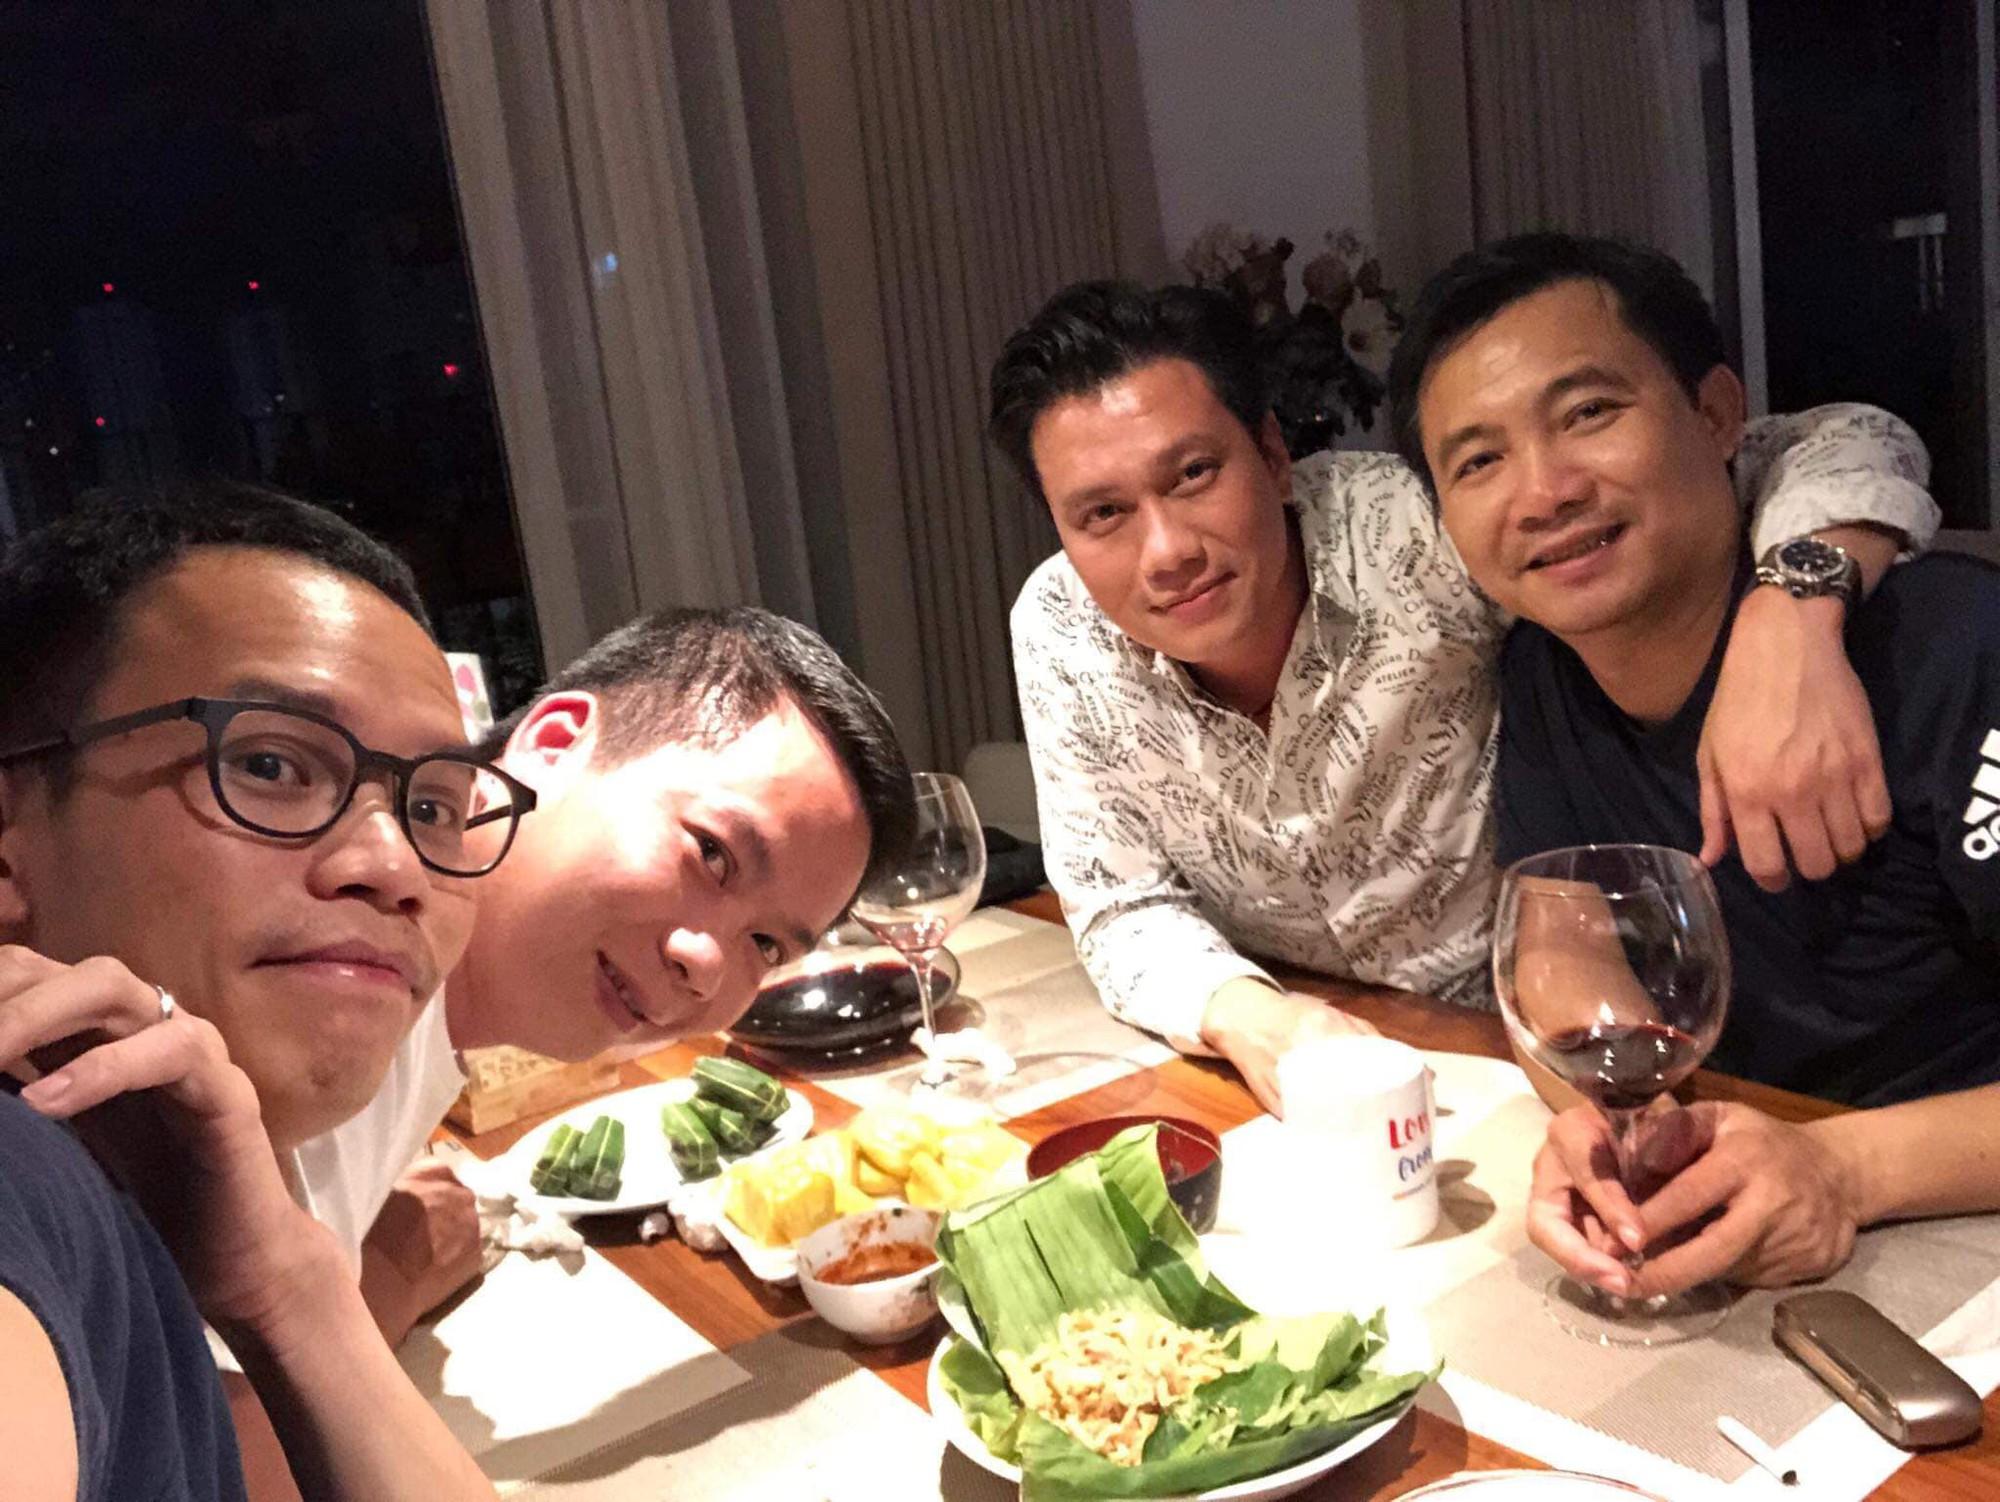 Vừa ly hôn vợ đã tổ chức tiệc độc thân ăn mừng, Việt Anh hứng gạch đá dữ dội từ netizen - Ảnh 1.